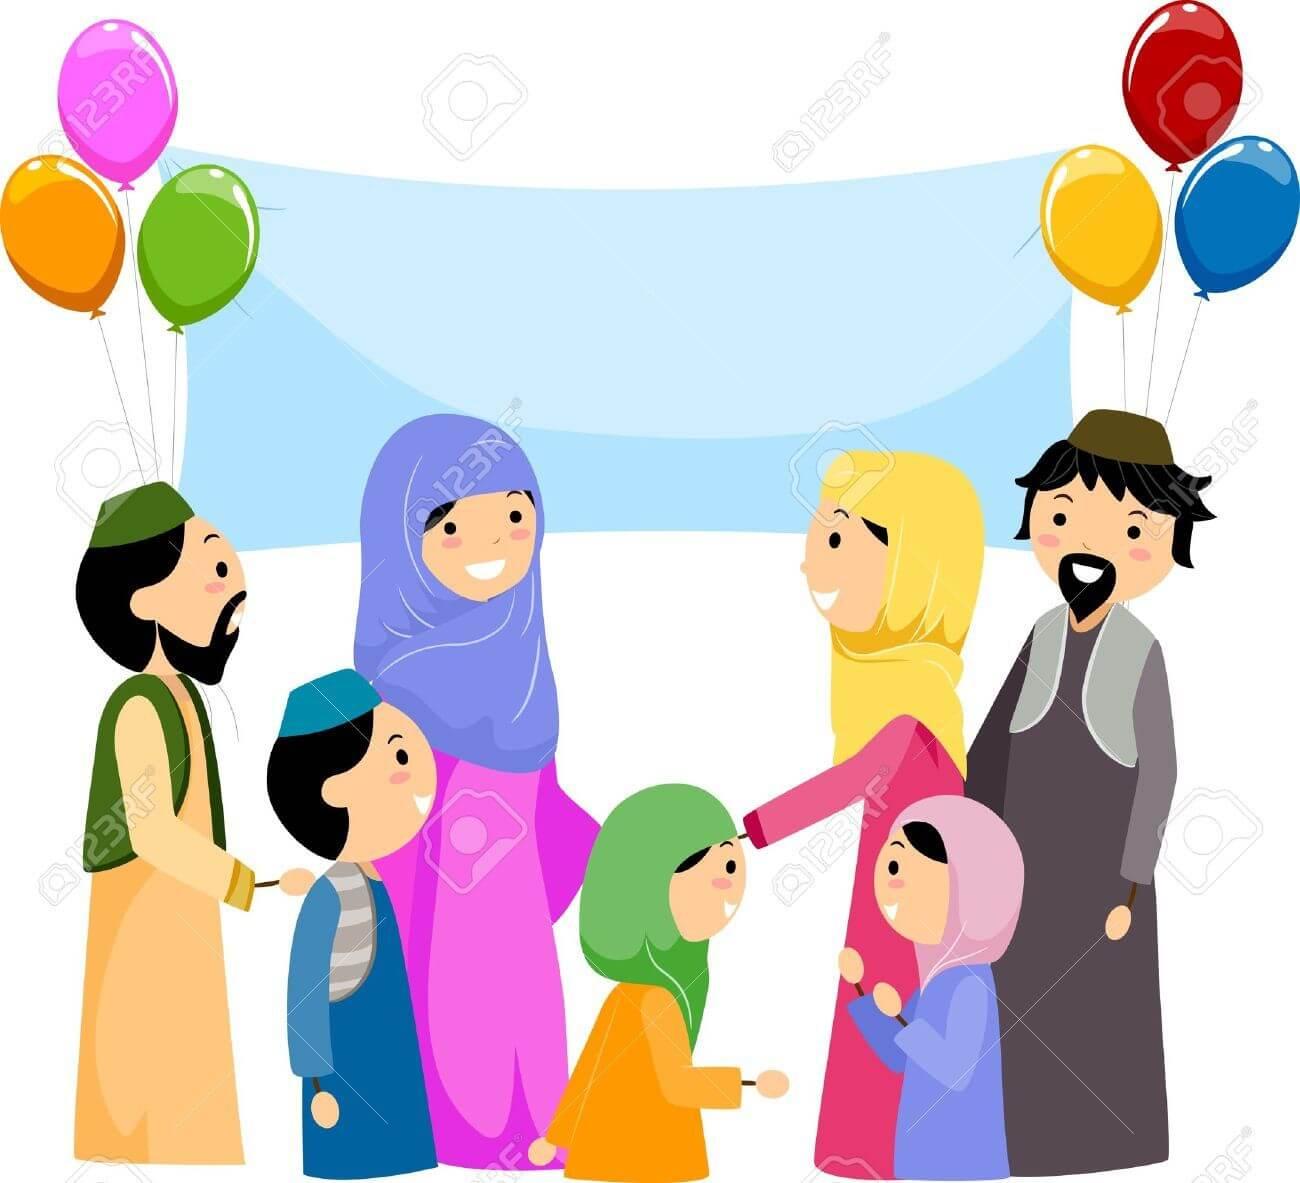 كيفية الإعداد مع أطفالك لإجتماع عائلي تربوي في عيد الأضحى